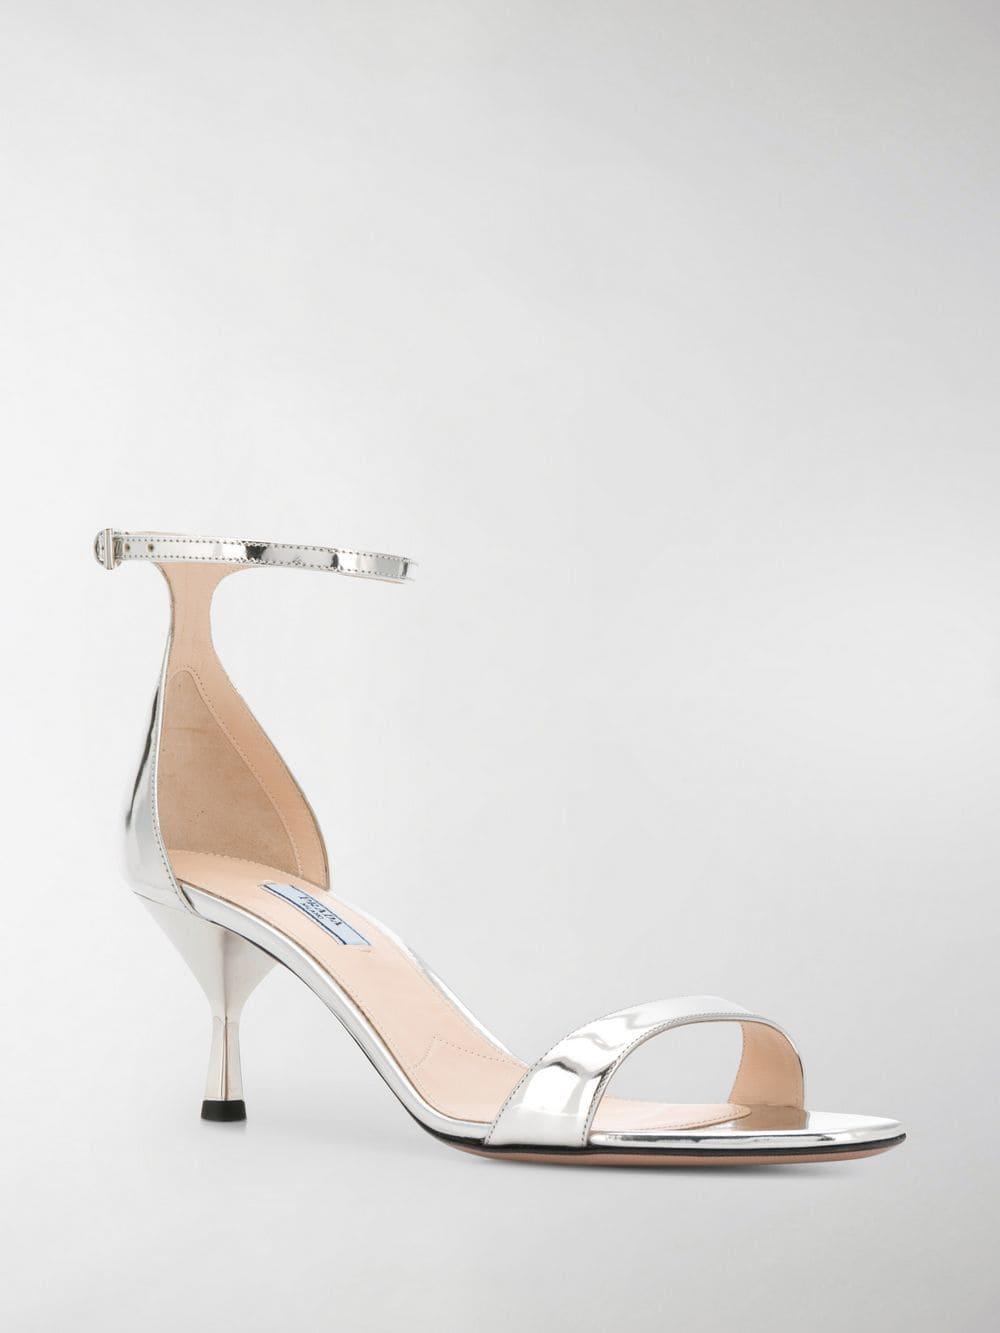 2f4de0ec335 Prada Kitten-heel Sandals in Metallic - Lyst